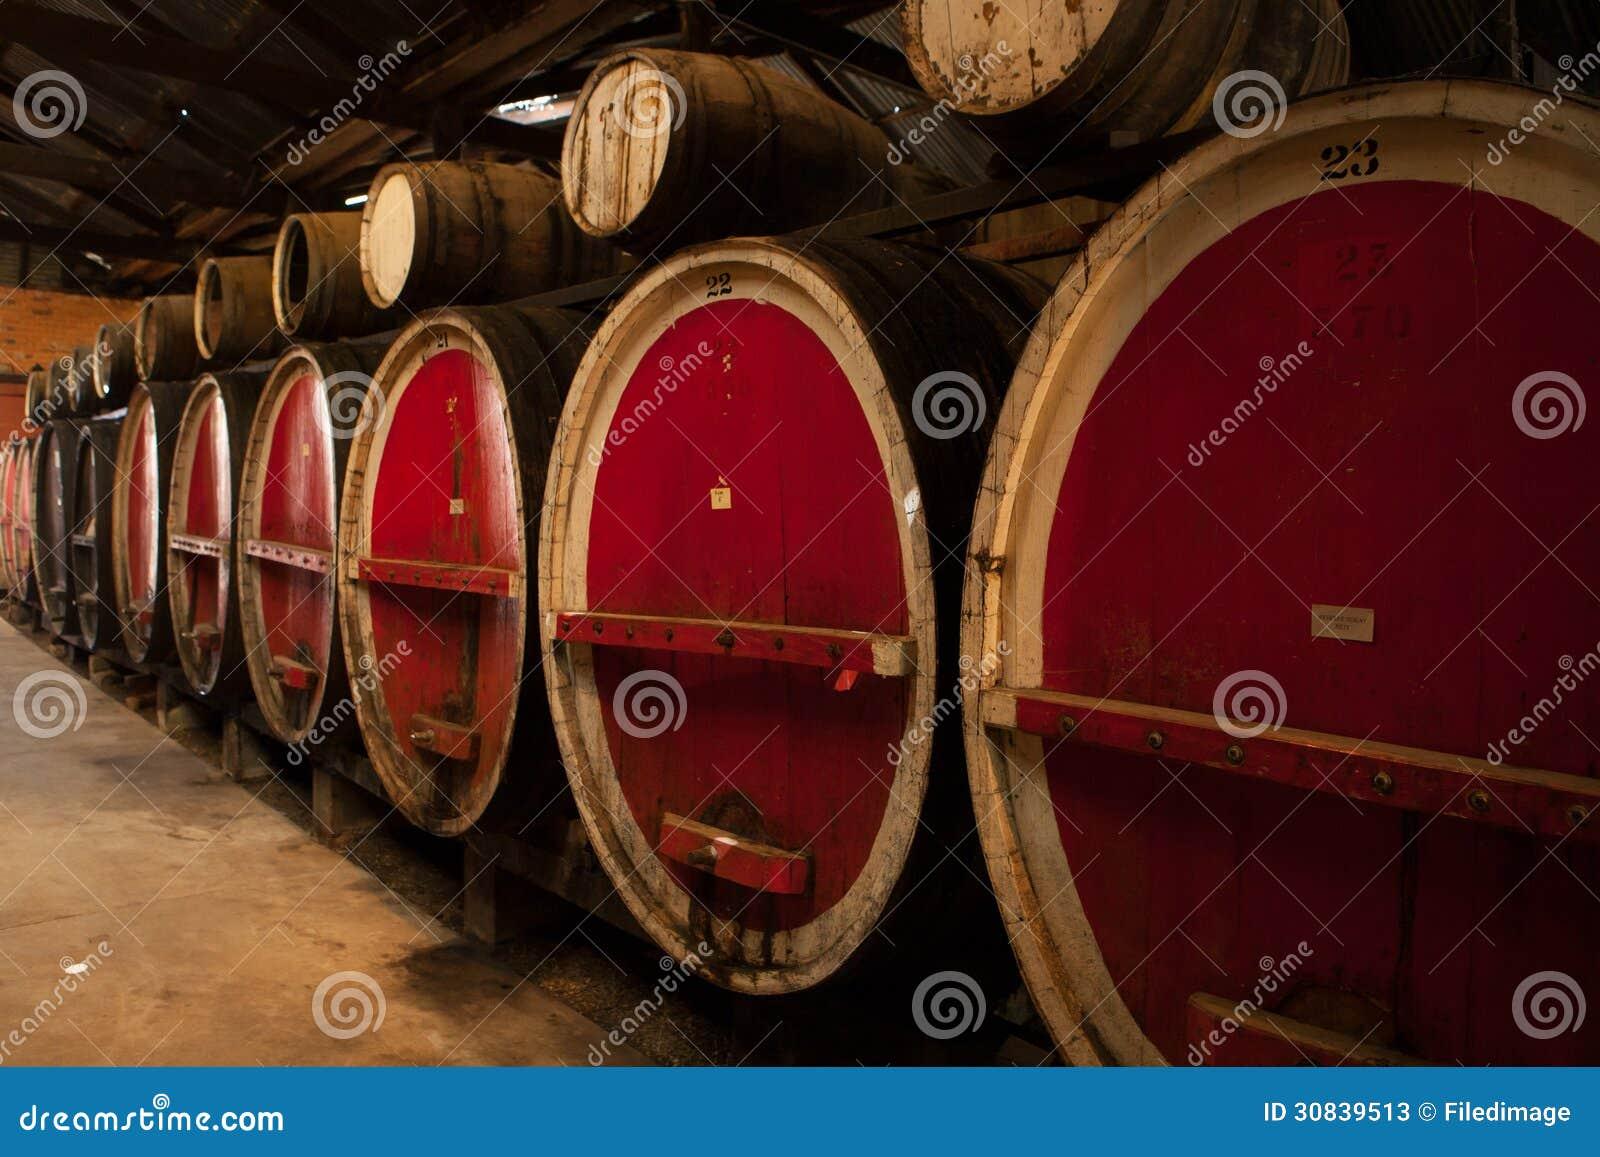 Barriles de vino en almacenamiento